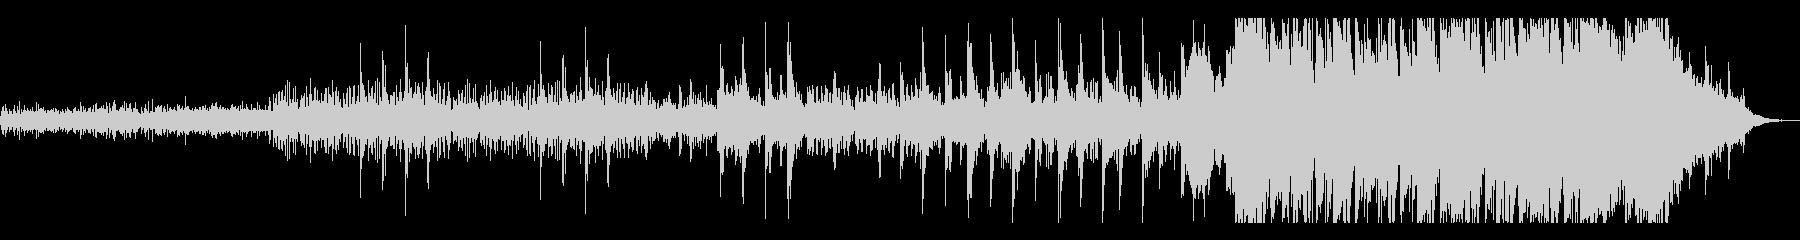 アートミュージック BGMに ピアノ他の未再生の波形